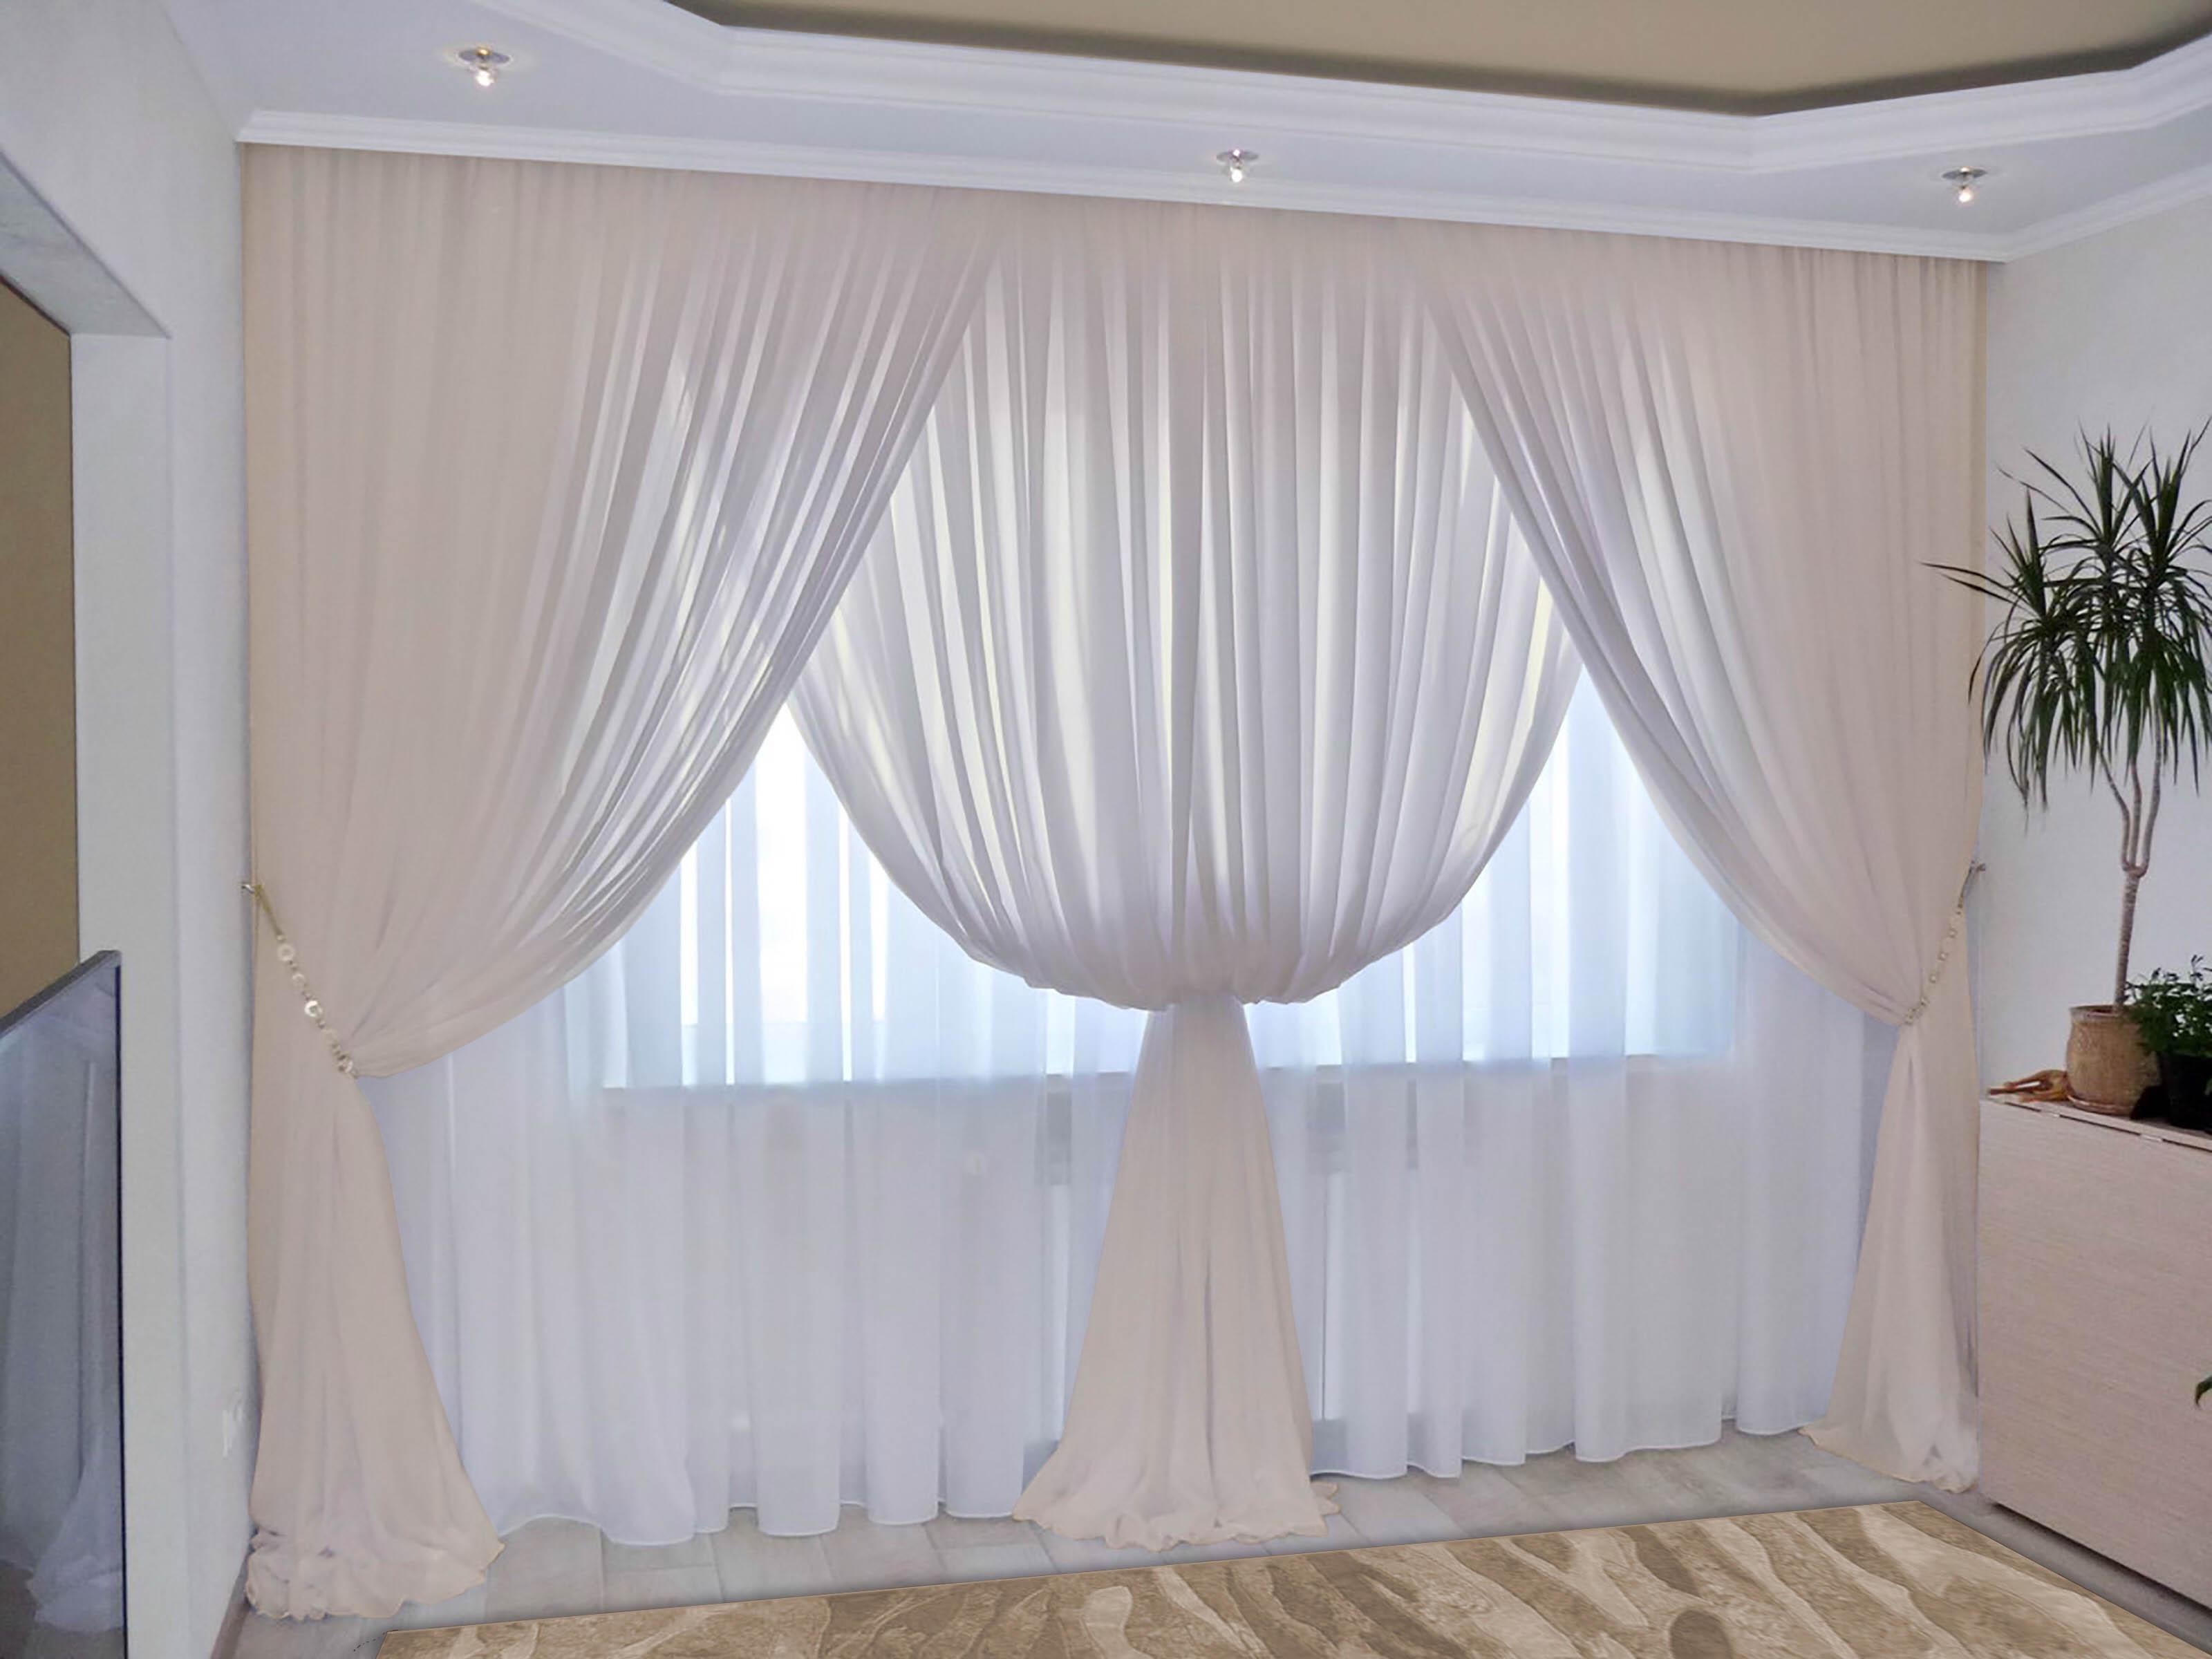 Шторы РеалТекс Классические шторы Augustine Цвет: Шампань шторы реалтекс классические шторы alberta цвет персиковый молочный